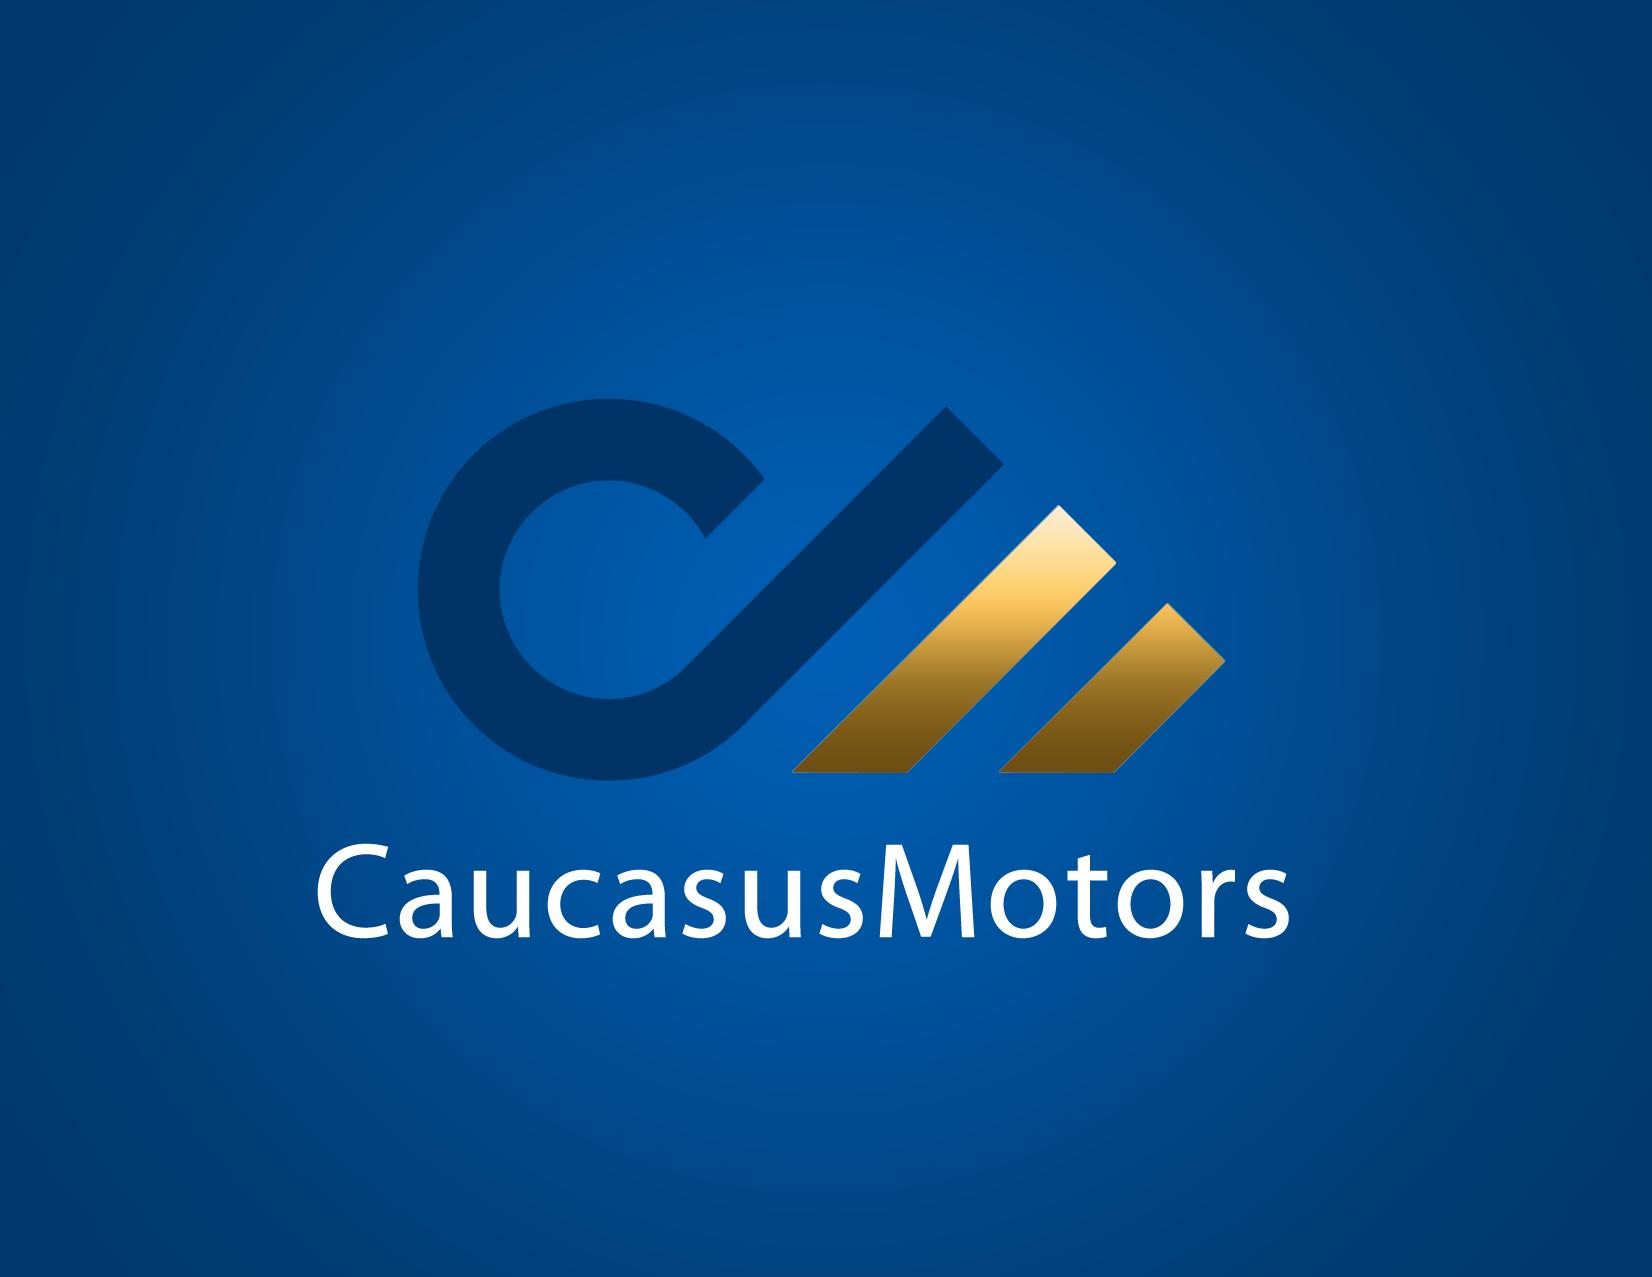 Caucasus Motors